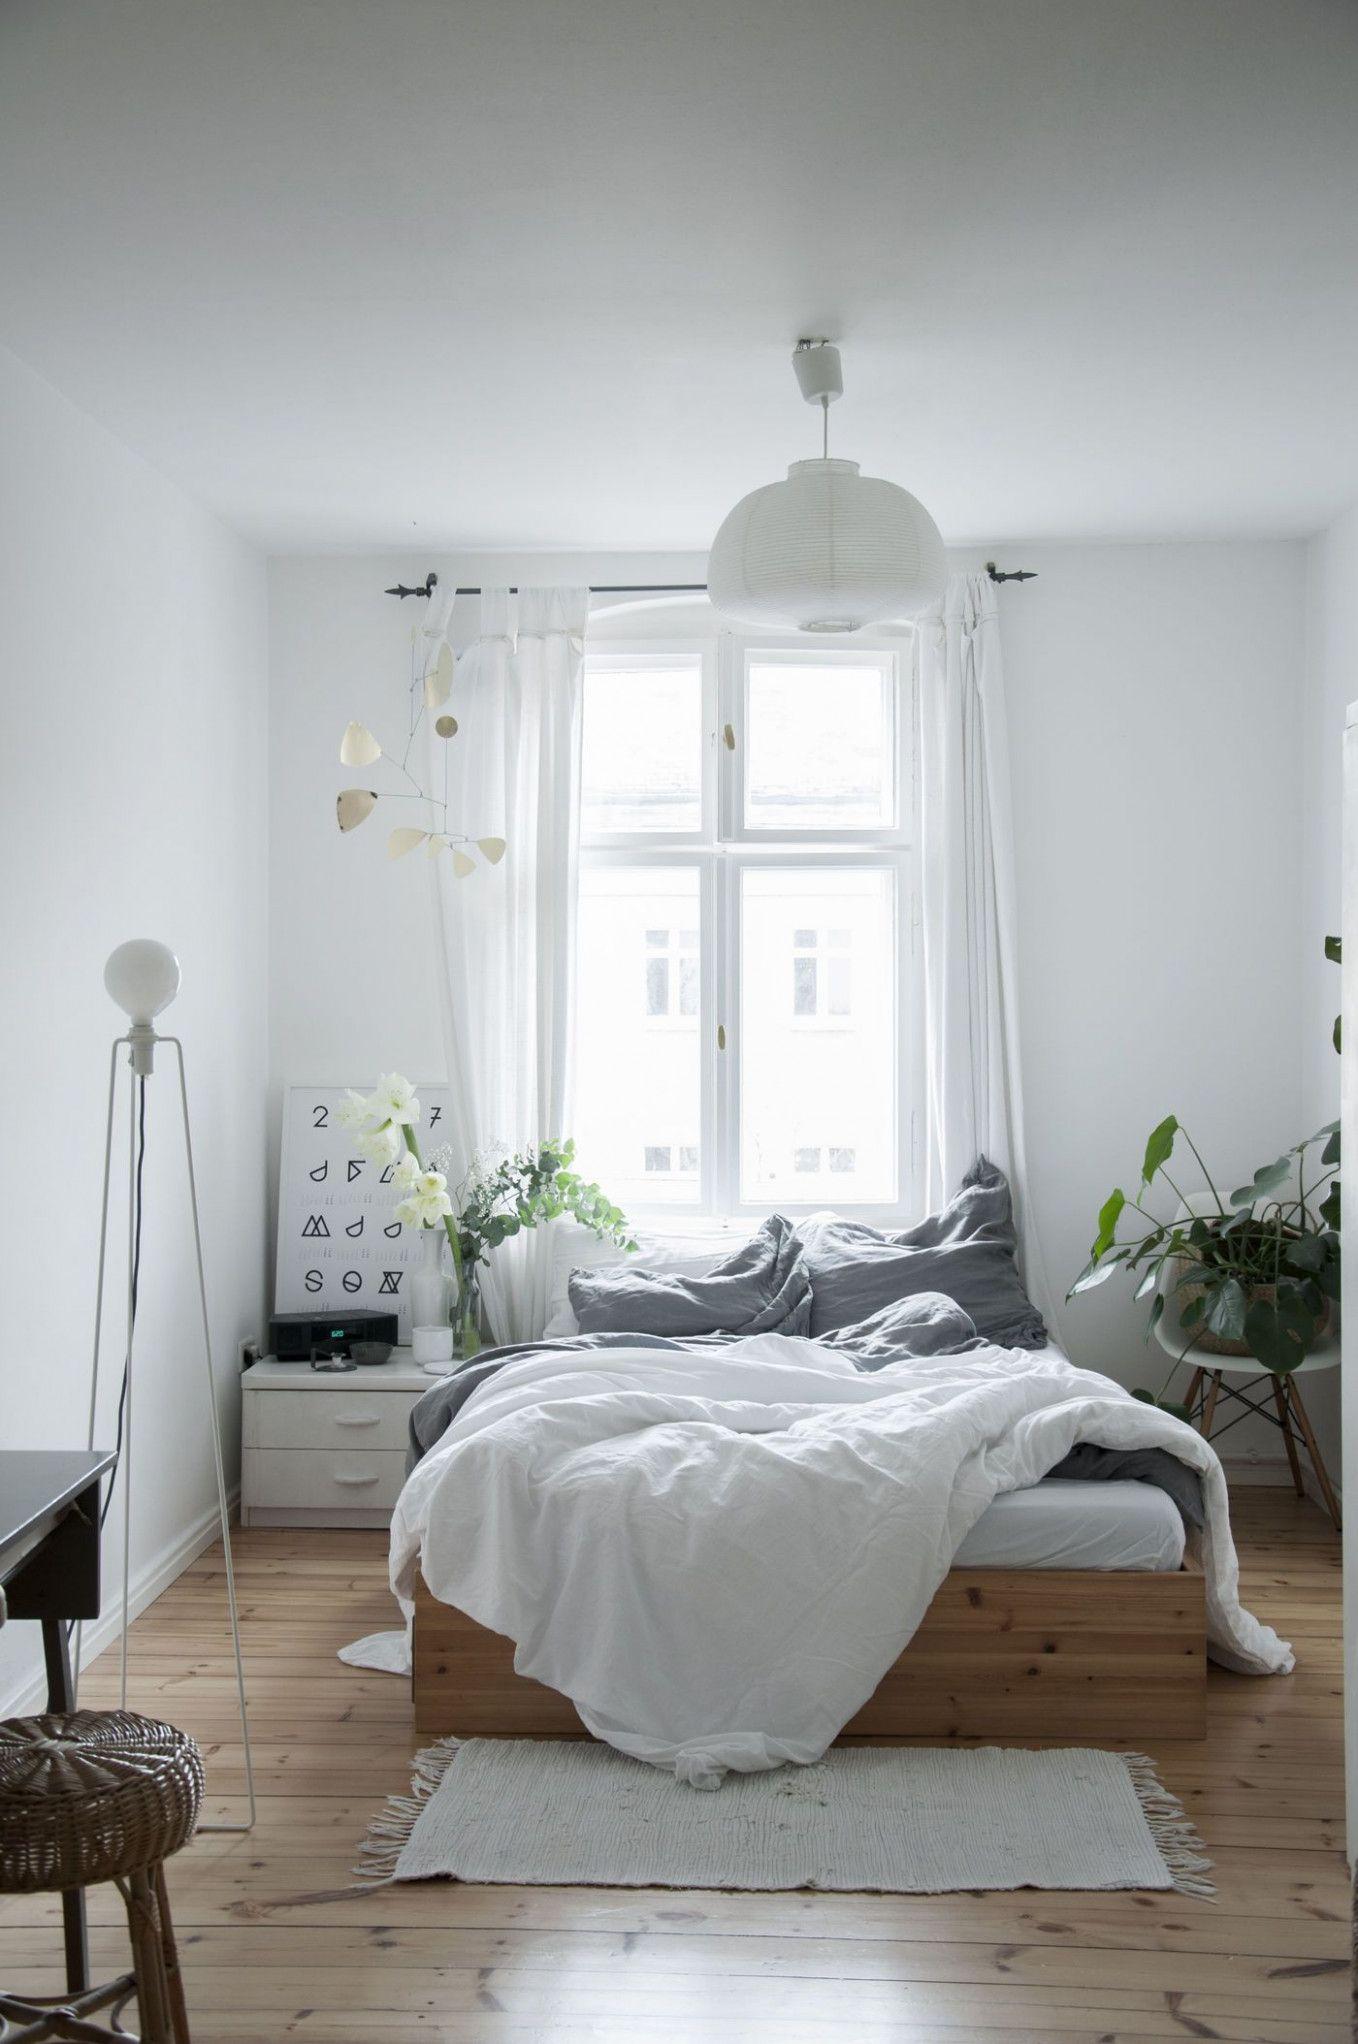 12 Tipps Wissen In 2020 Kleines Schlafzimmer Einrichten Schlafzimmer Einrichten Schlafzimmer Einrichten Ideen